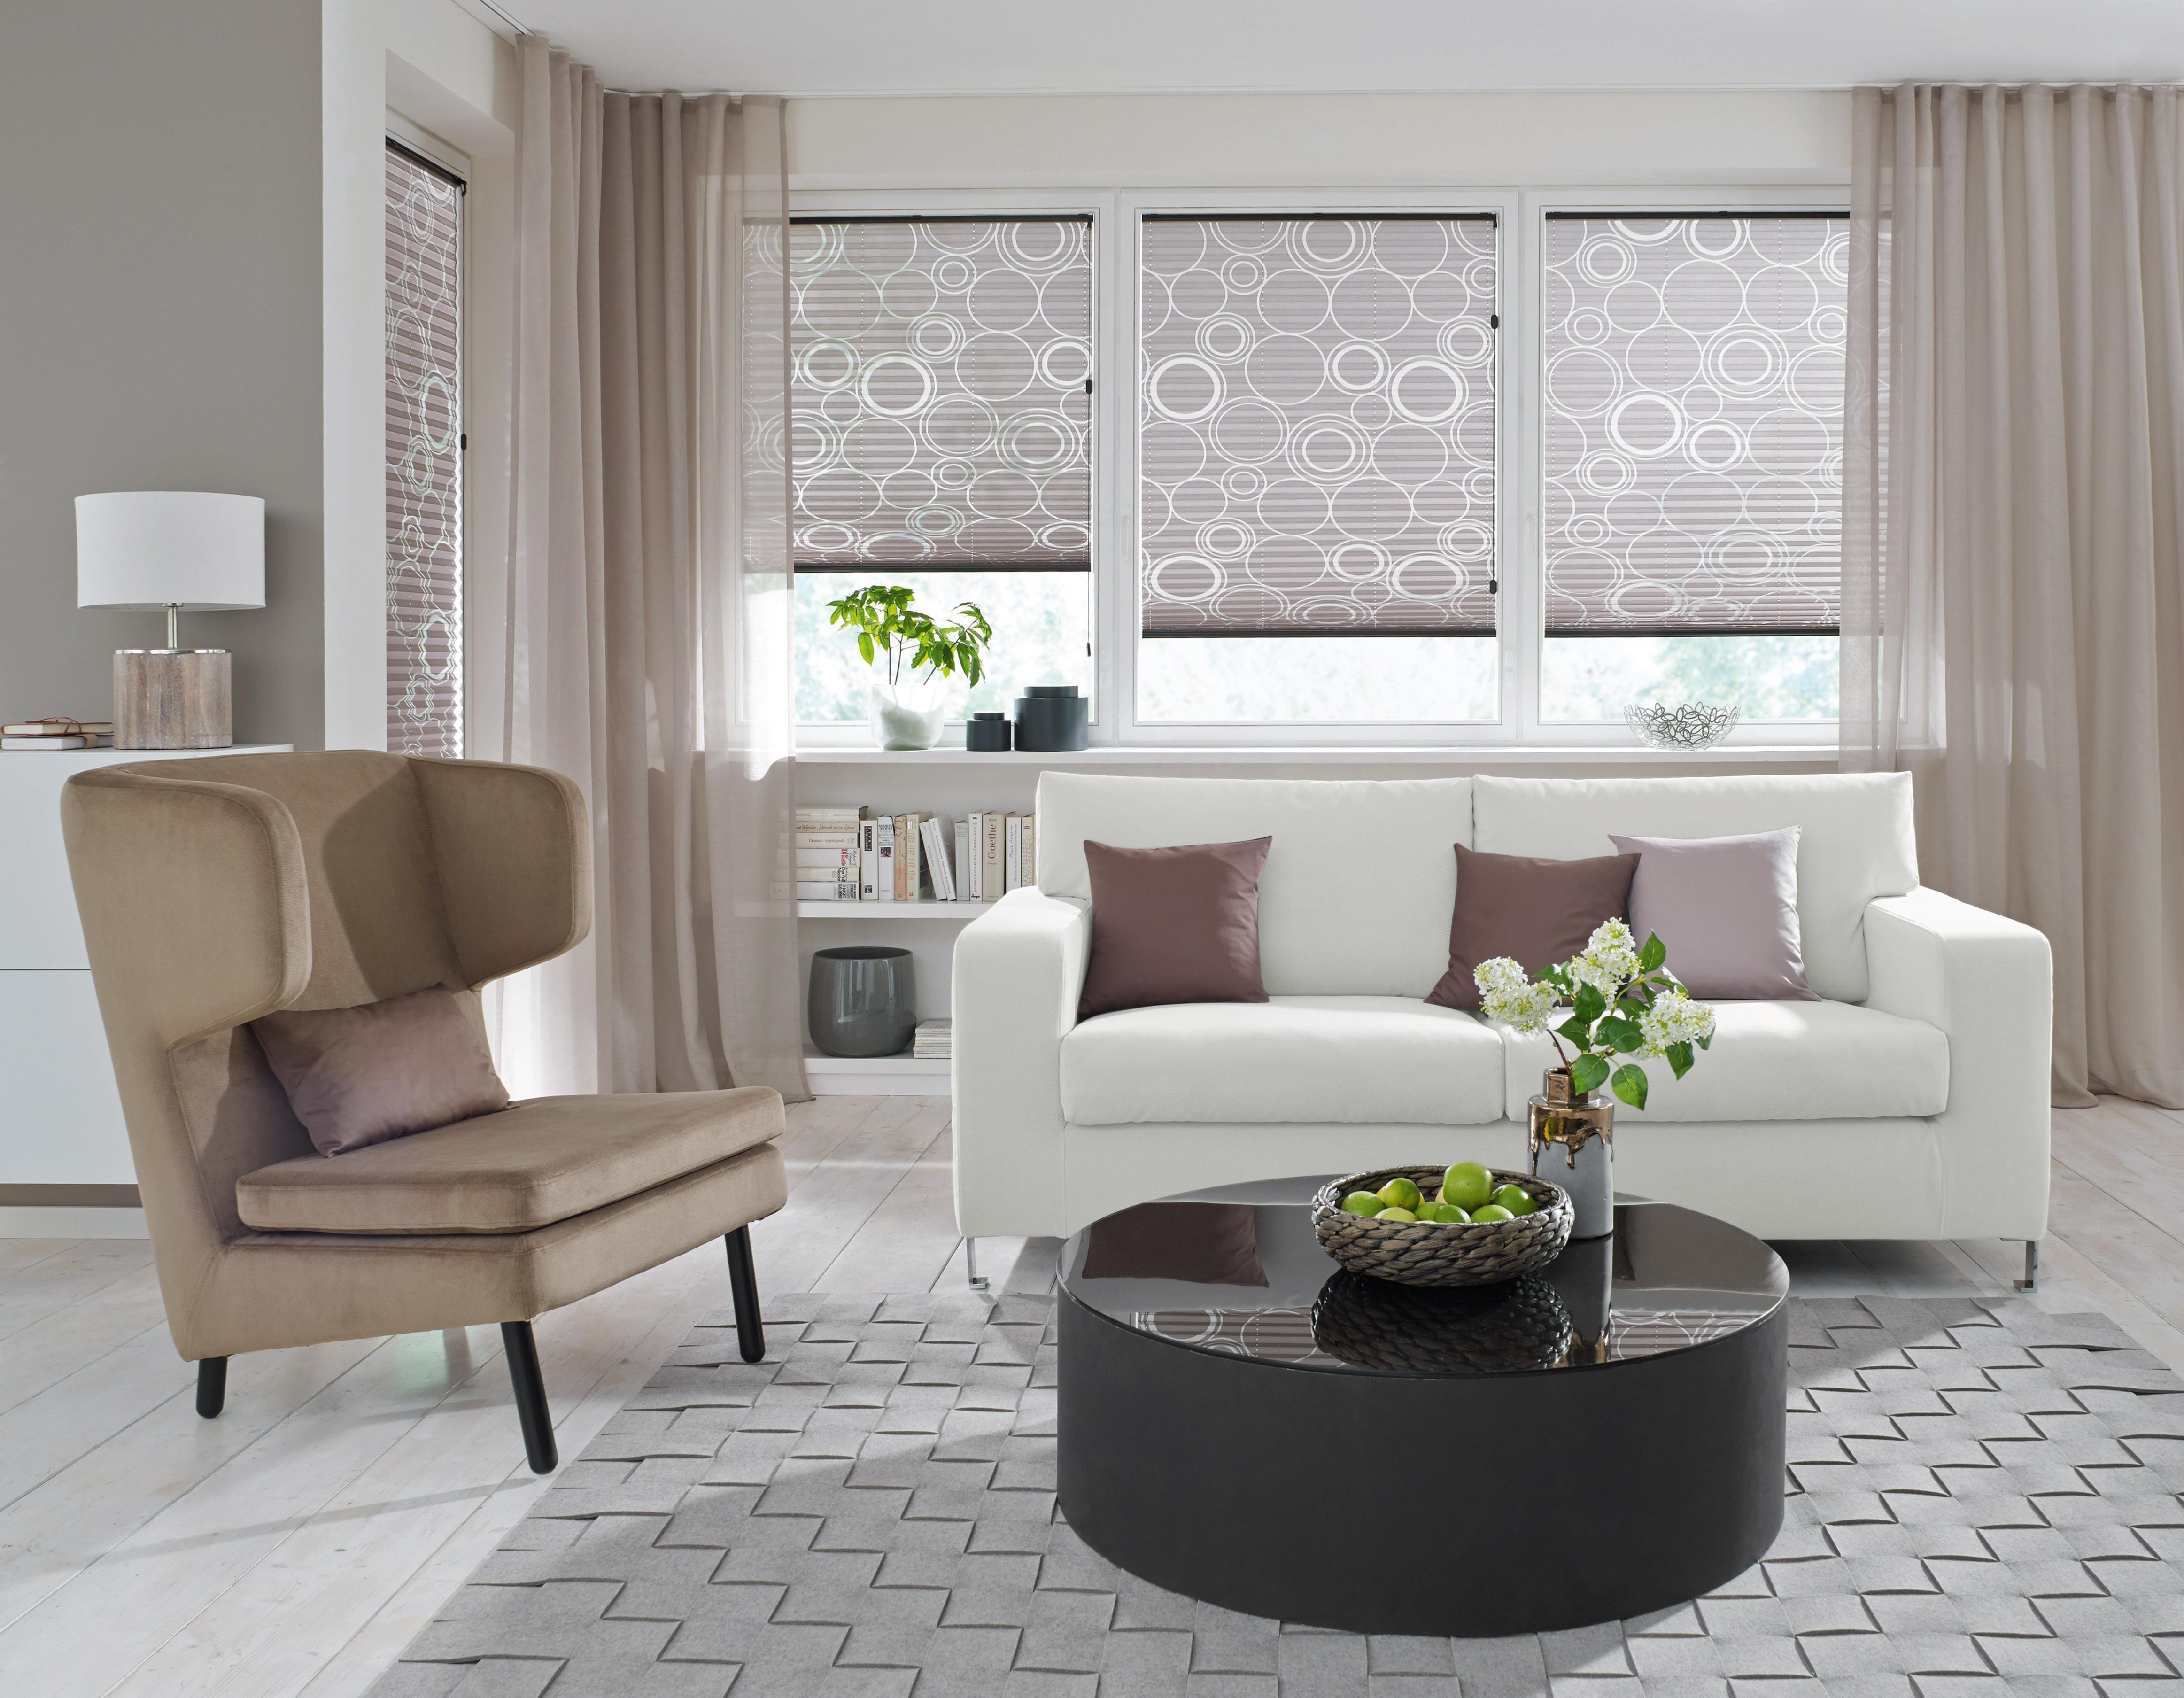 Vorhang Ideen Für Jeden Raum Im Kreis Lichtenfels Kulmbach von Vorschläge Für Gardinen Im Wohnzimmer Bild